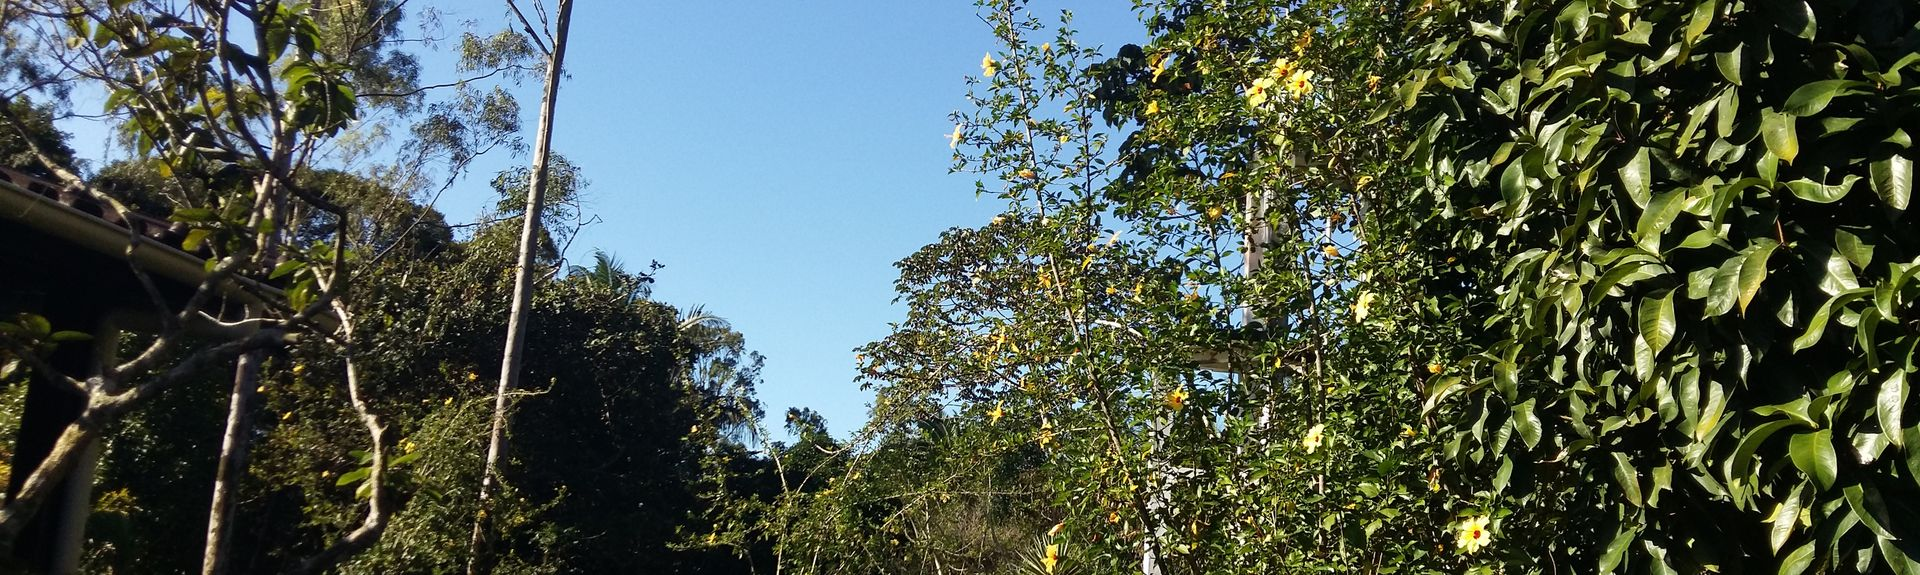 Conde, Paraíba, Brasil